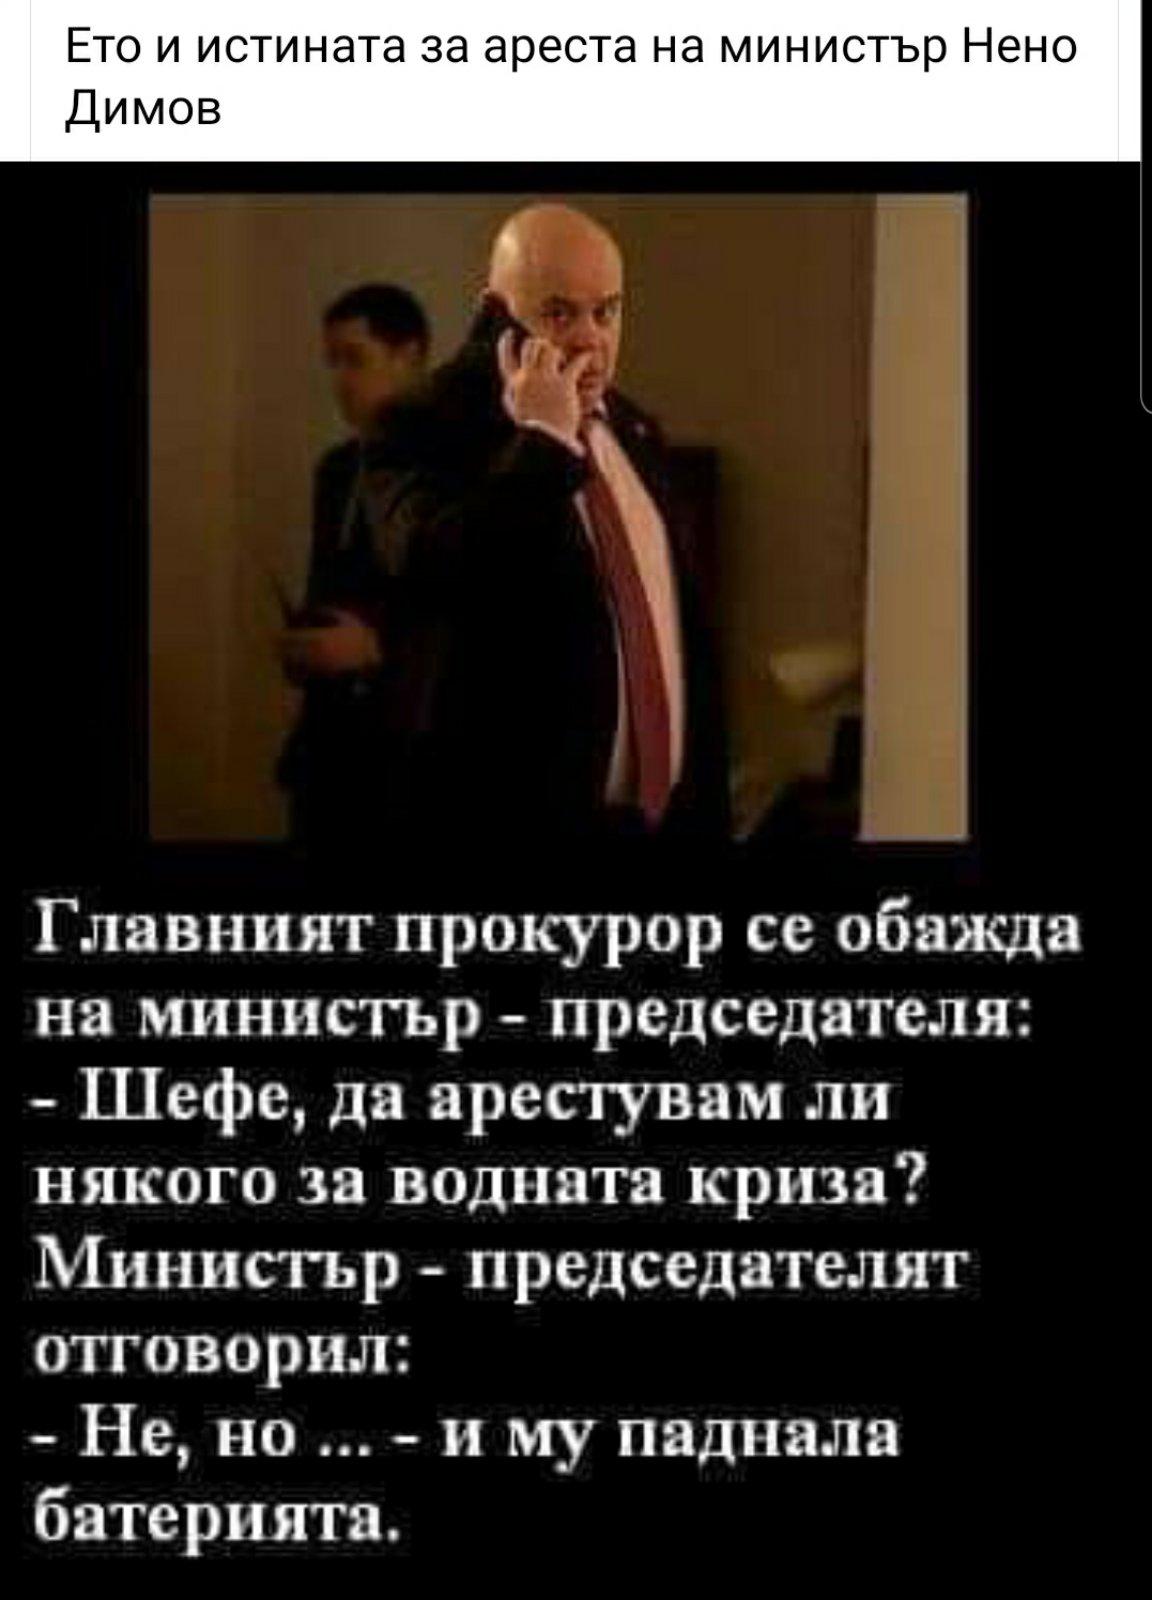 Ето и истината за ареста на министър Нено Димов